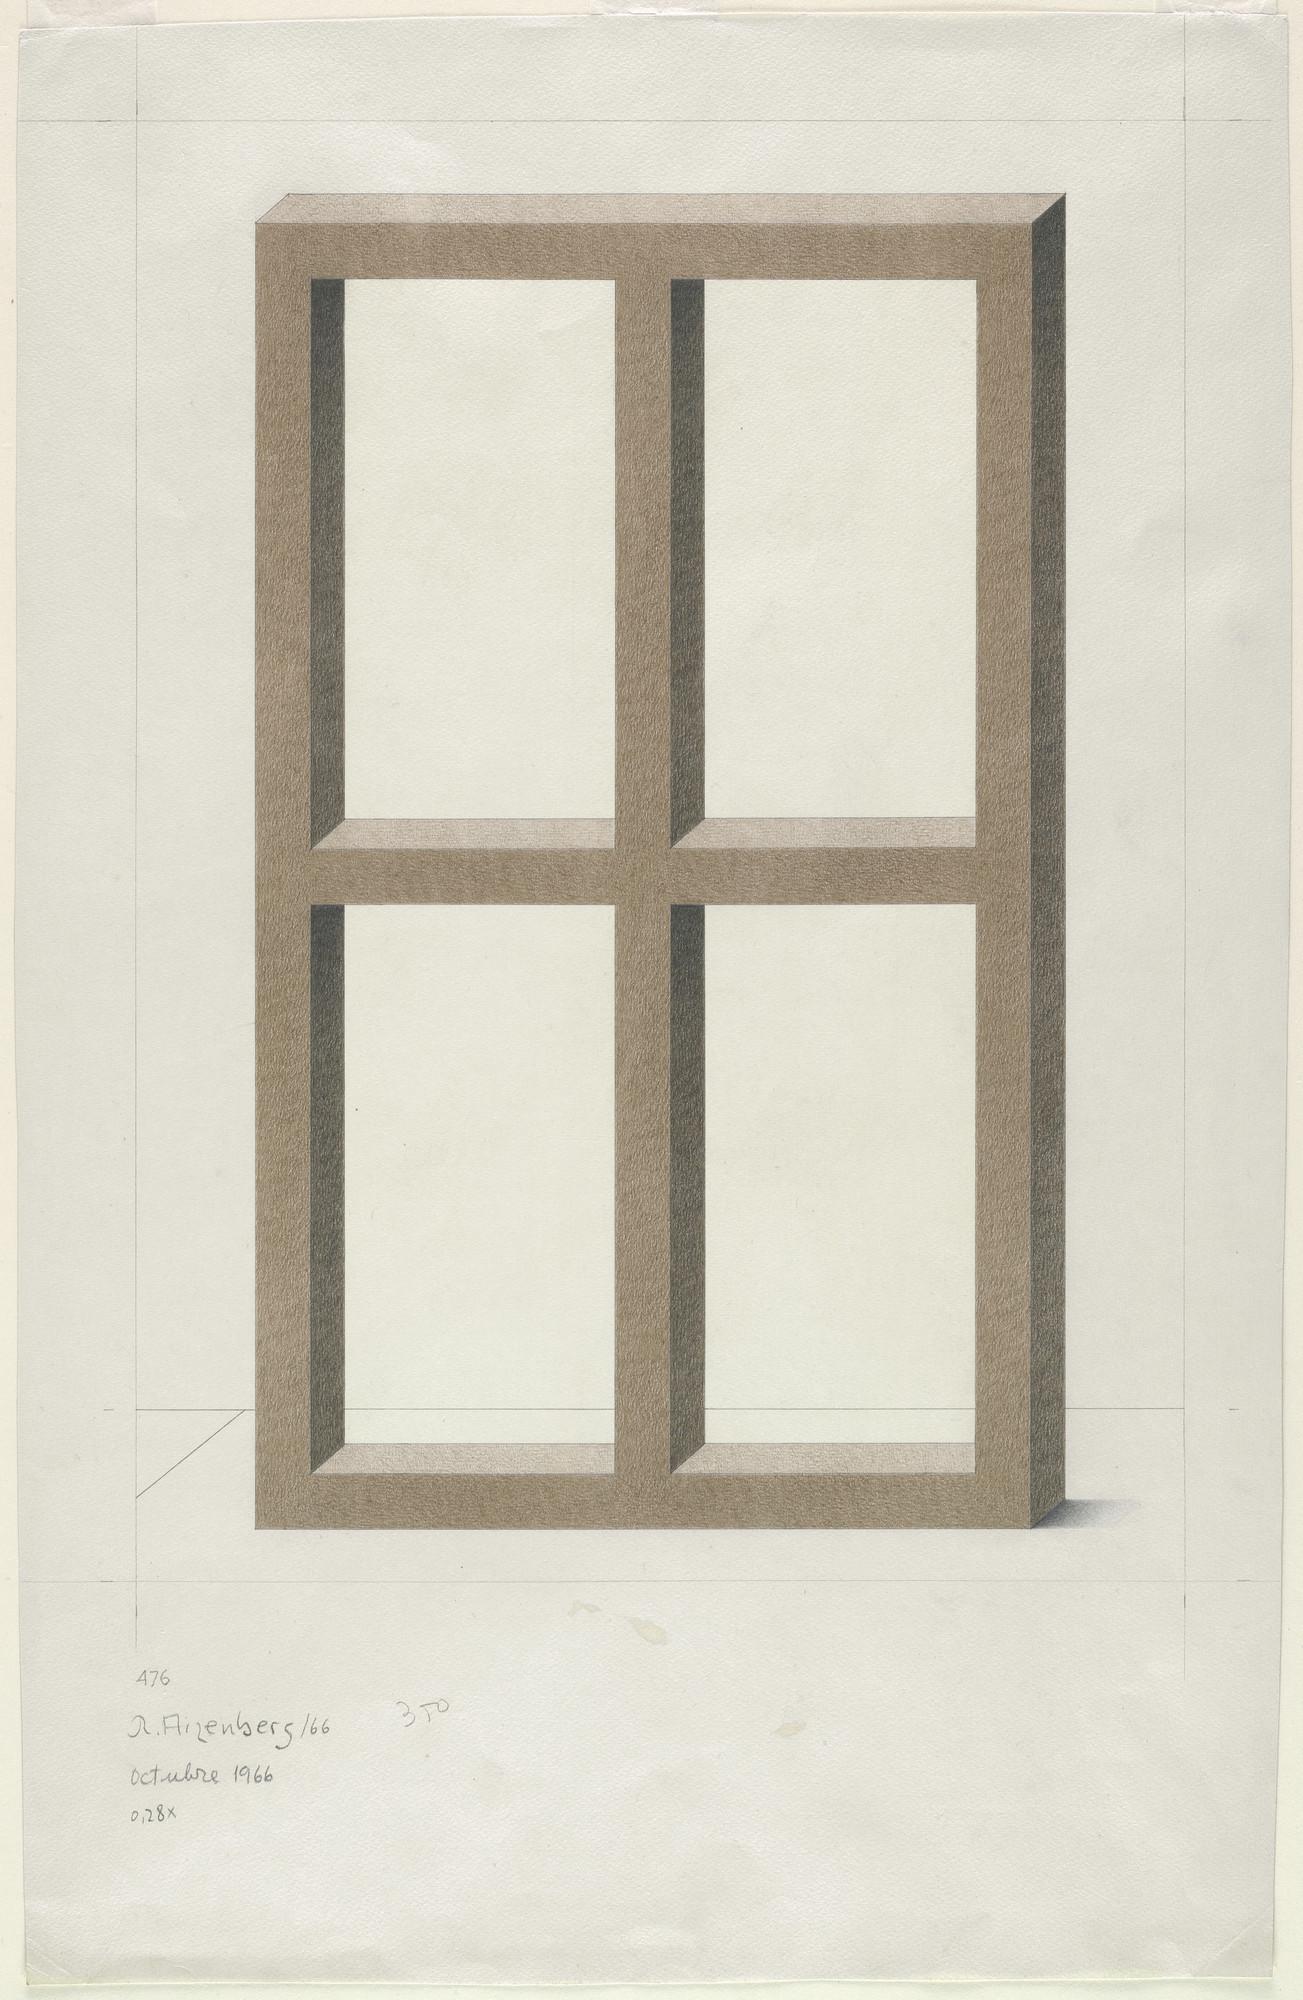 Roberto Aizenberg. Untitled. 1966